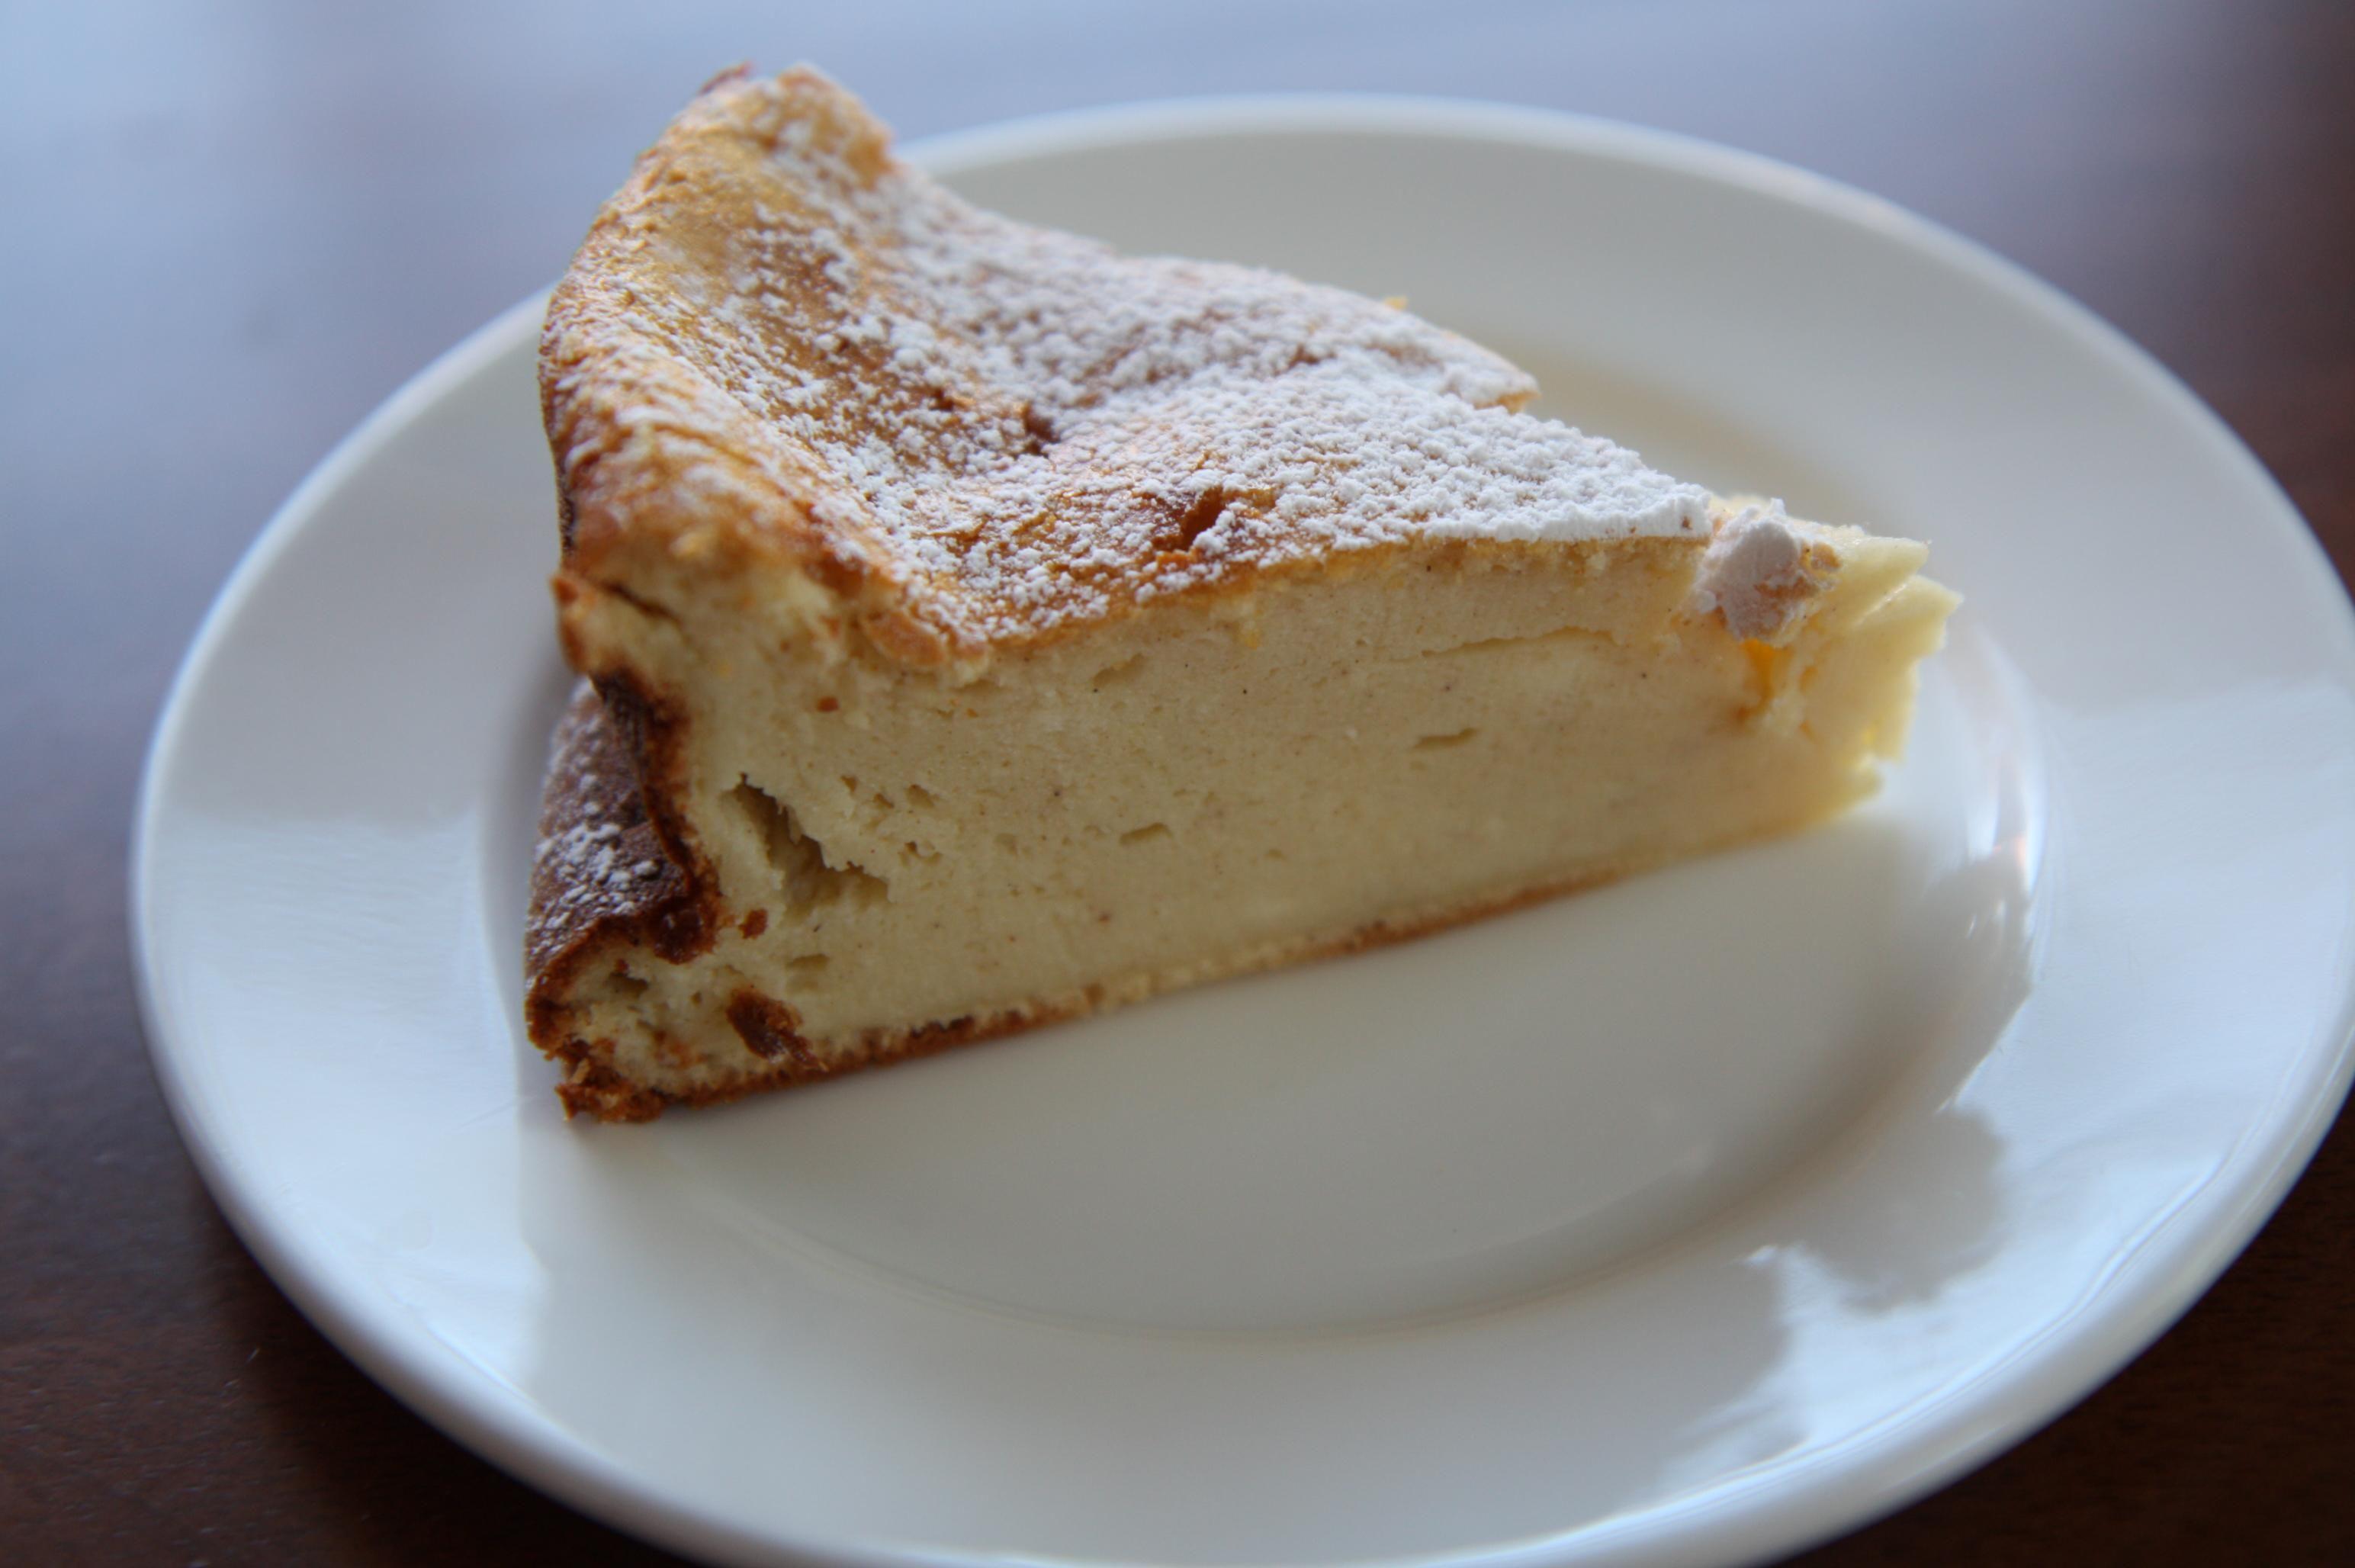 ricotta cheesecake orange ricotta cheesecake ricotta cheesecake orange ...